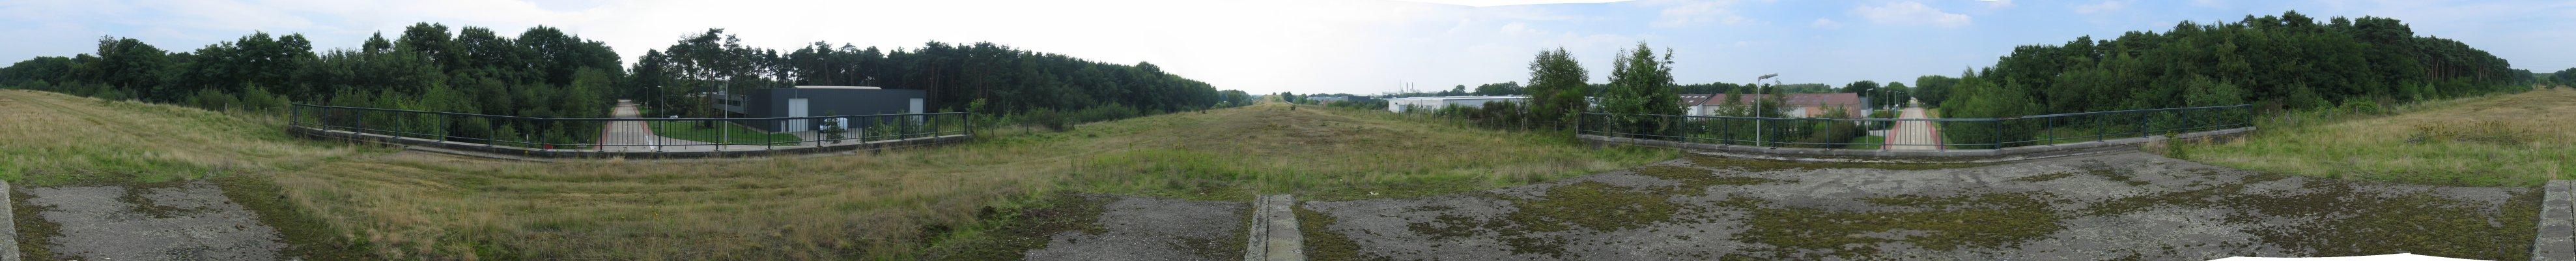 View from top of the Nijverheidsweg bridge in Ham